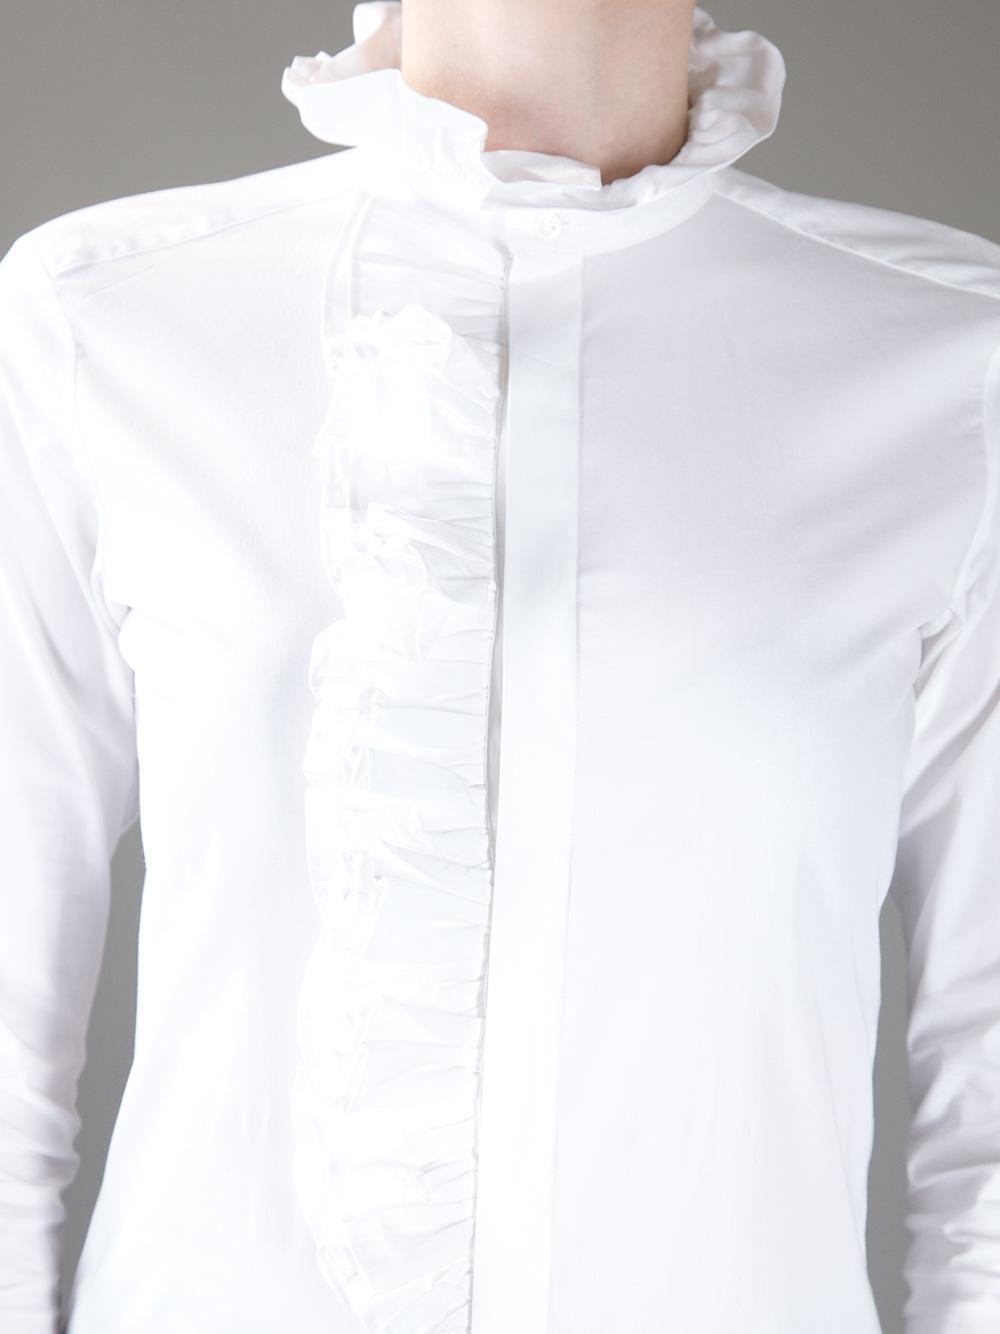 09755e48ab ... spain lyst ralph lauren blue label ruffle detail shirt in white b8815  eaa57